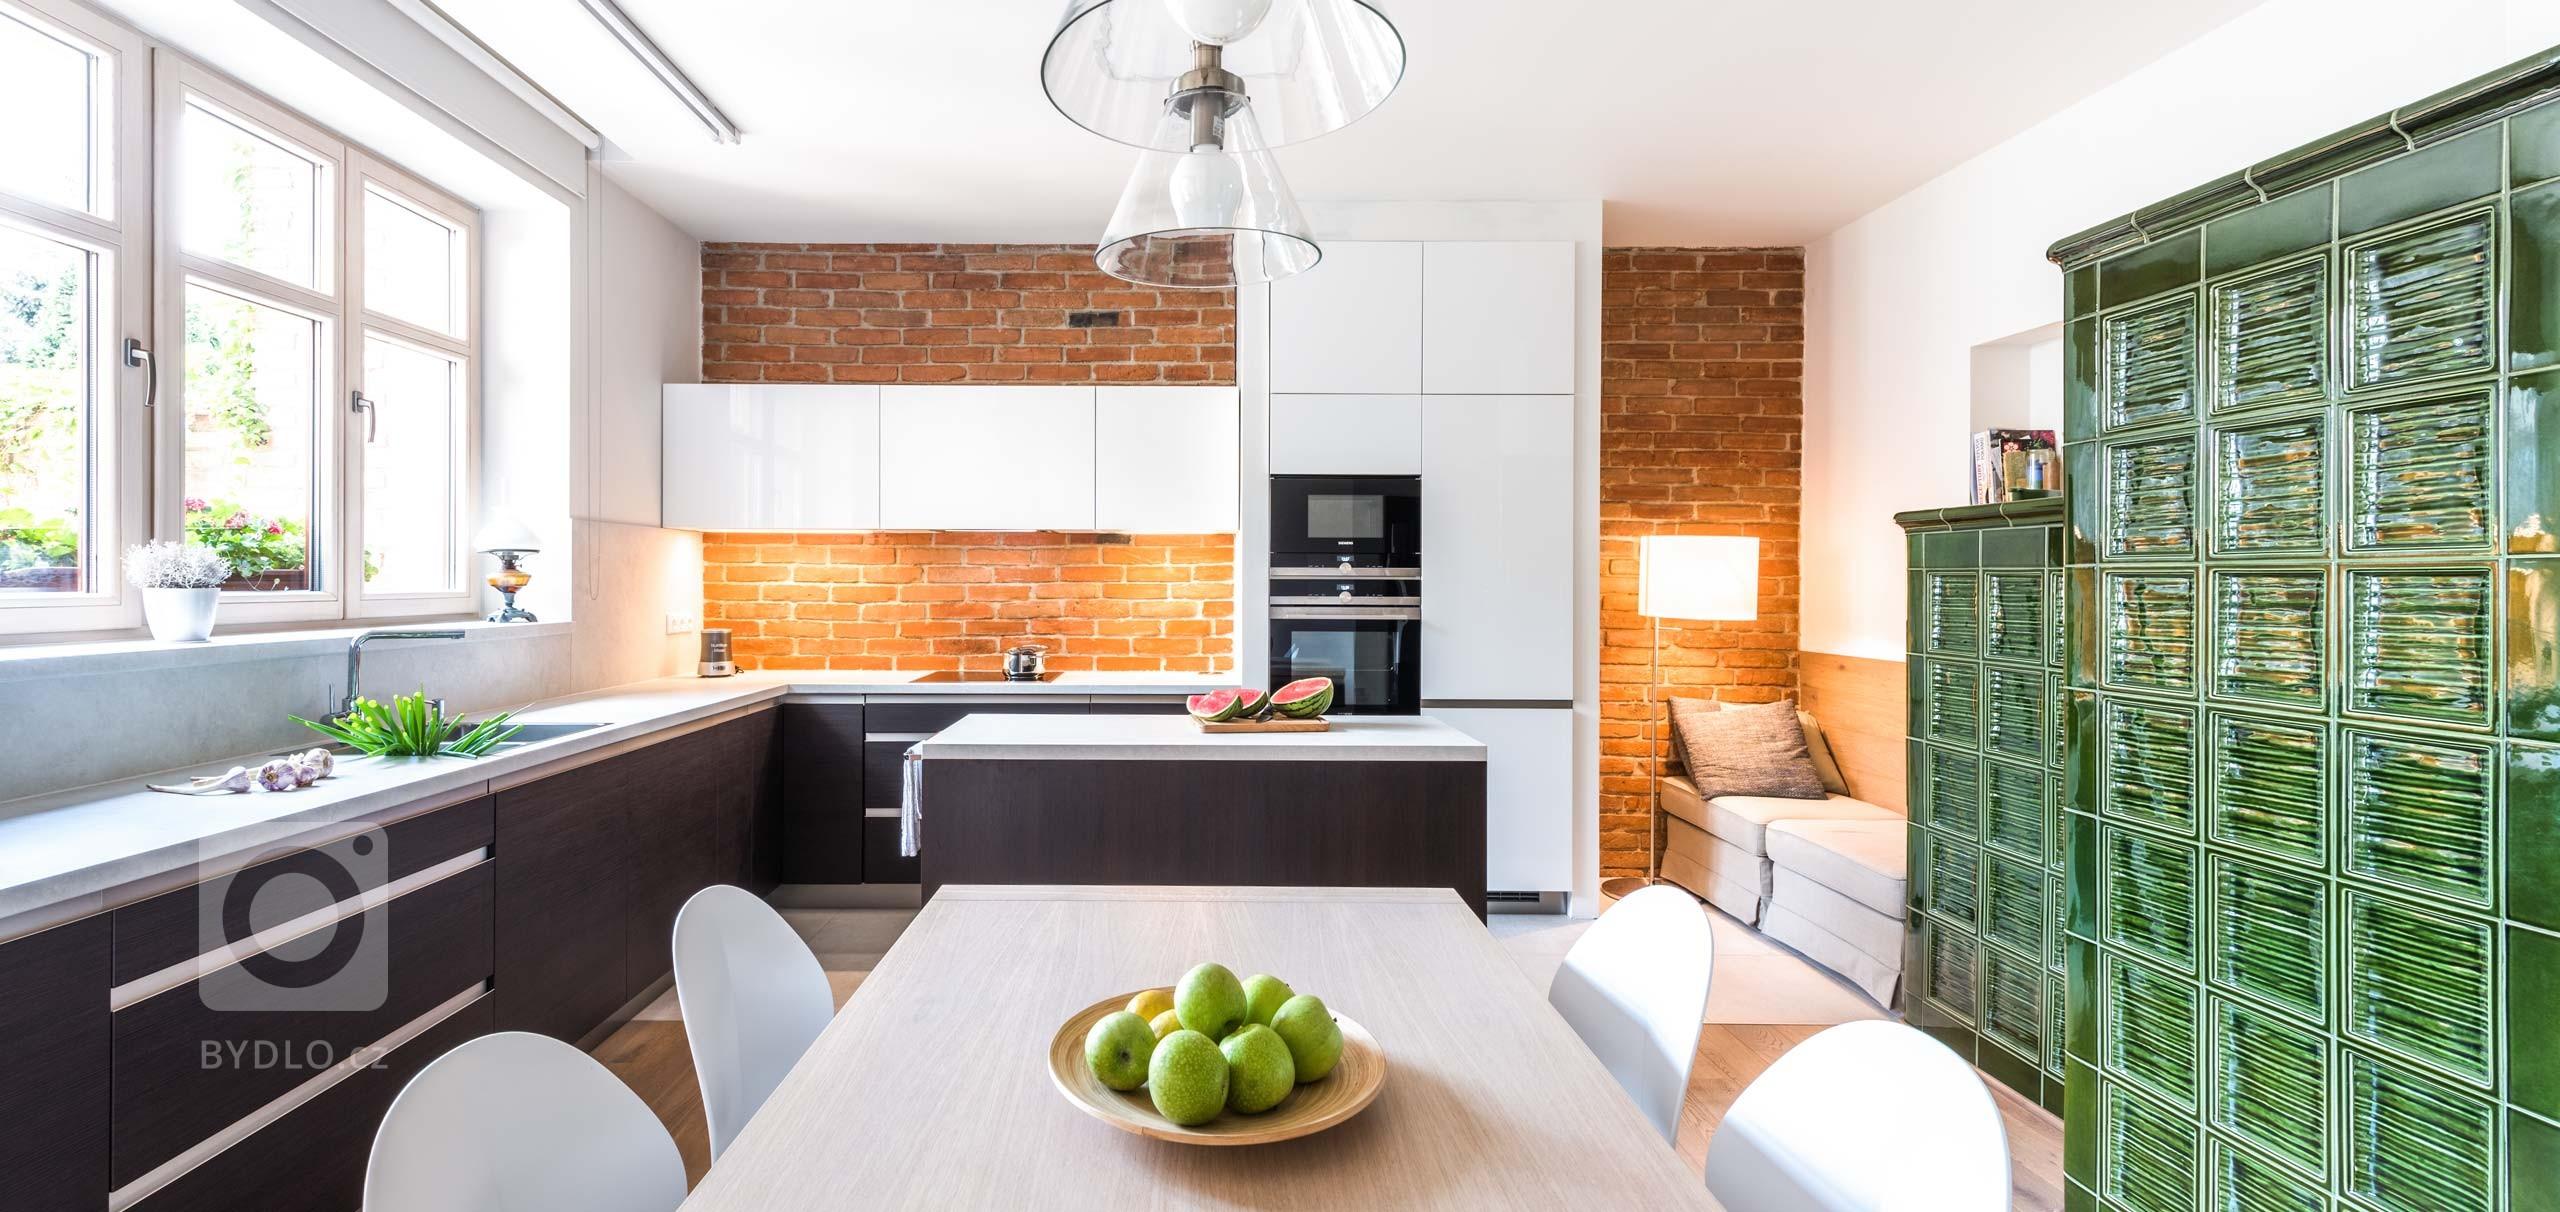 Jak udělat z kuchyně vaše nejoblíbenější místo na světě? Vezměte dva protichůdné styly a spojte je do jednoho promyšleného nadčasového celku. Ultra moderní…